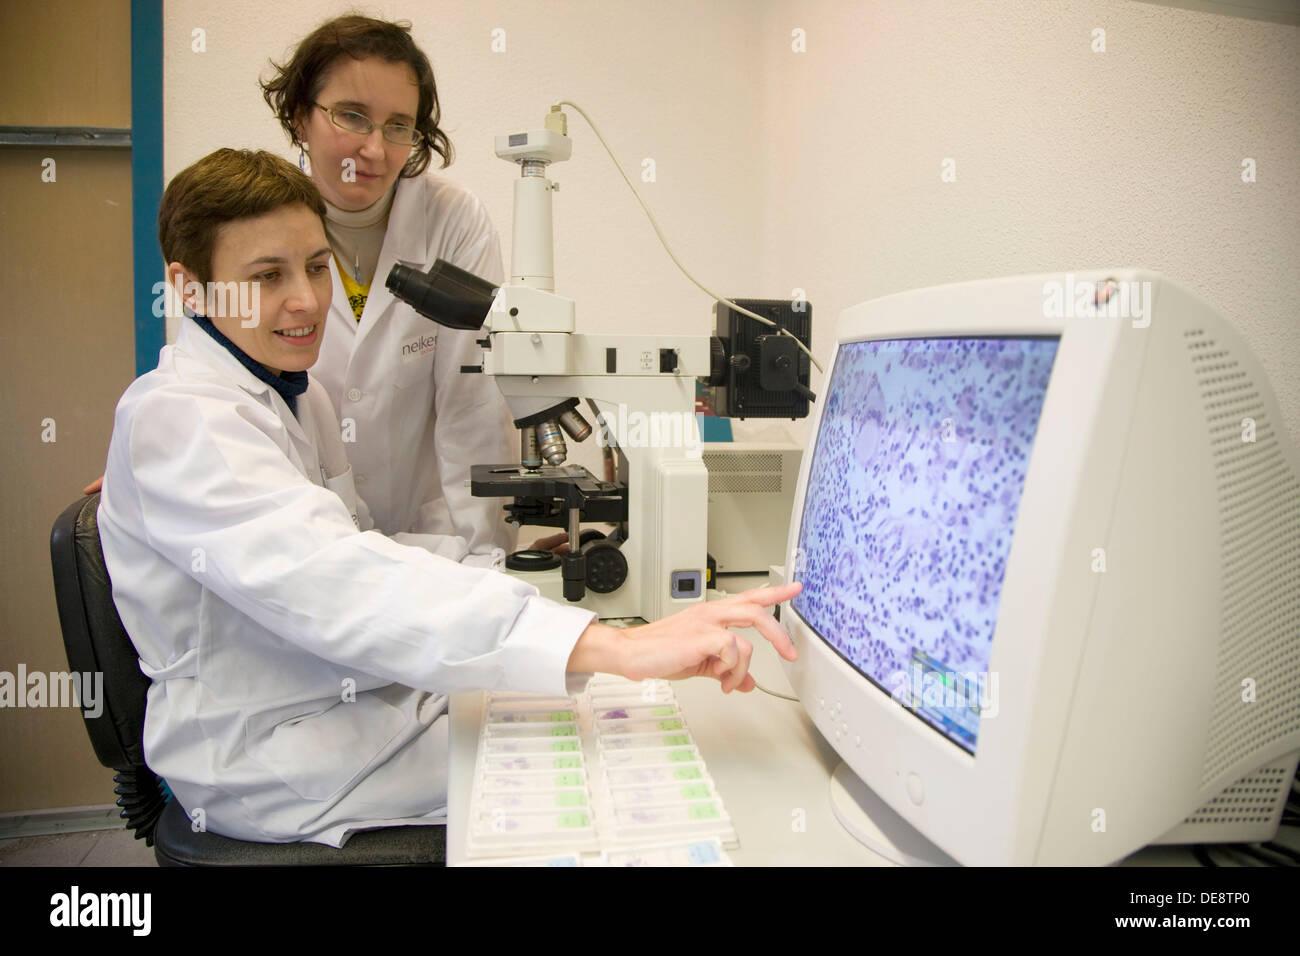 Microscopy and cells image, Laboratory of Pathological anatomy, Departamento de Producción y Sanidad Animal, Neiker Tecnalia, - Stock Image